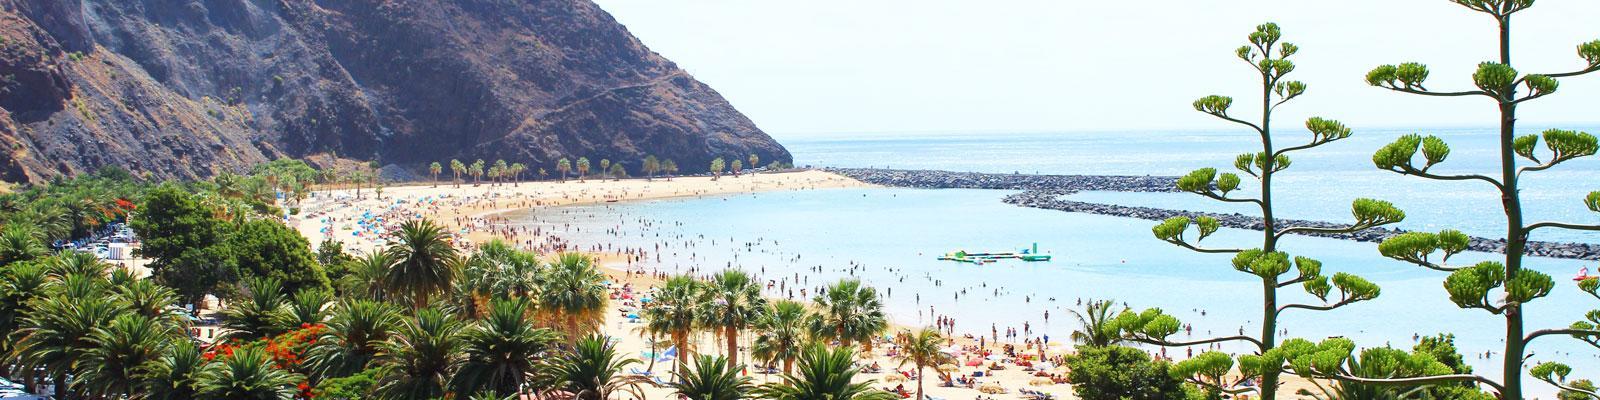 Hotel Pelinor - Santa Cruz Tenerife